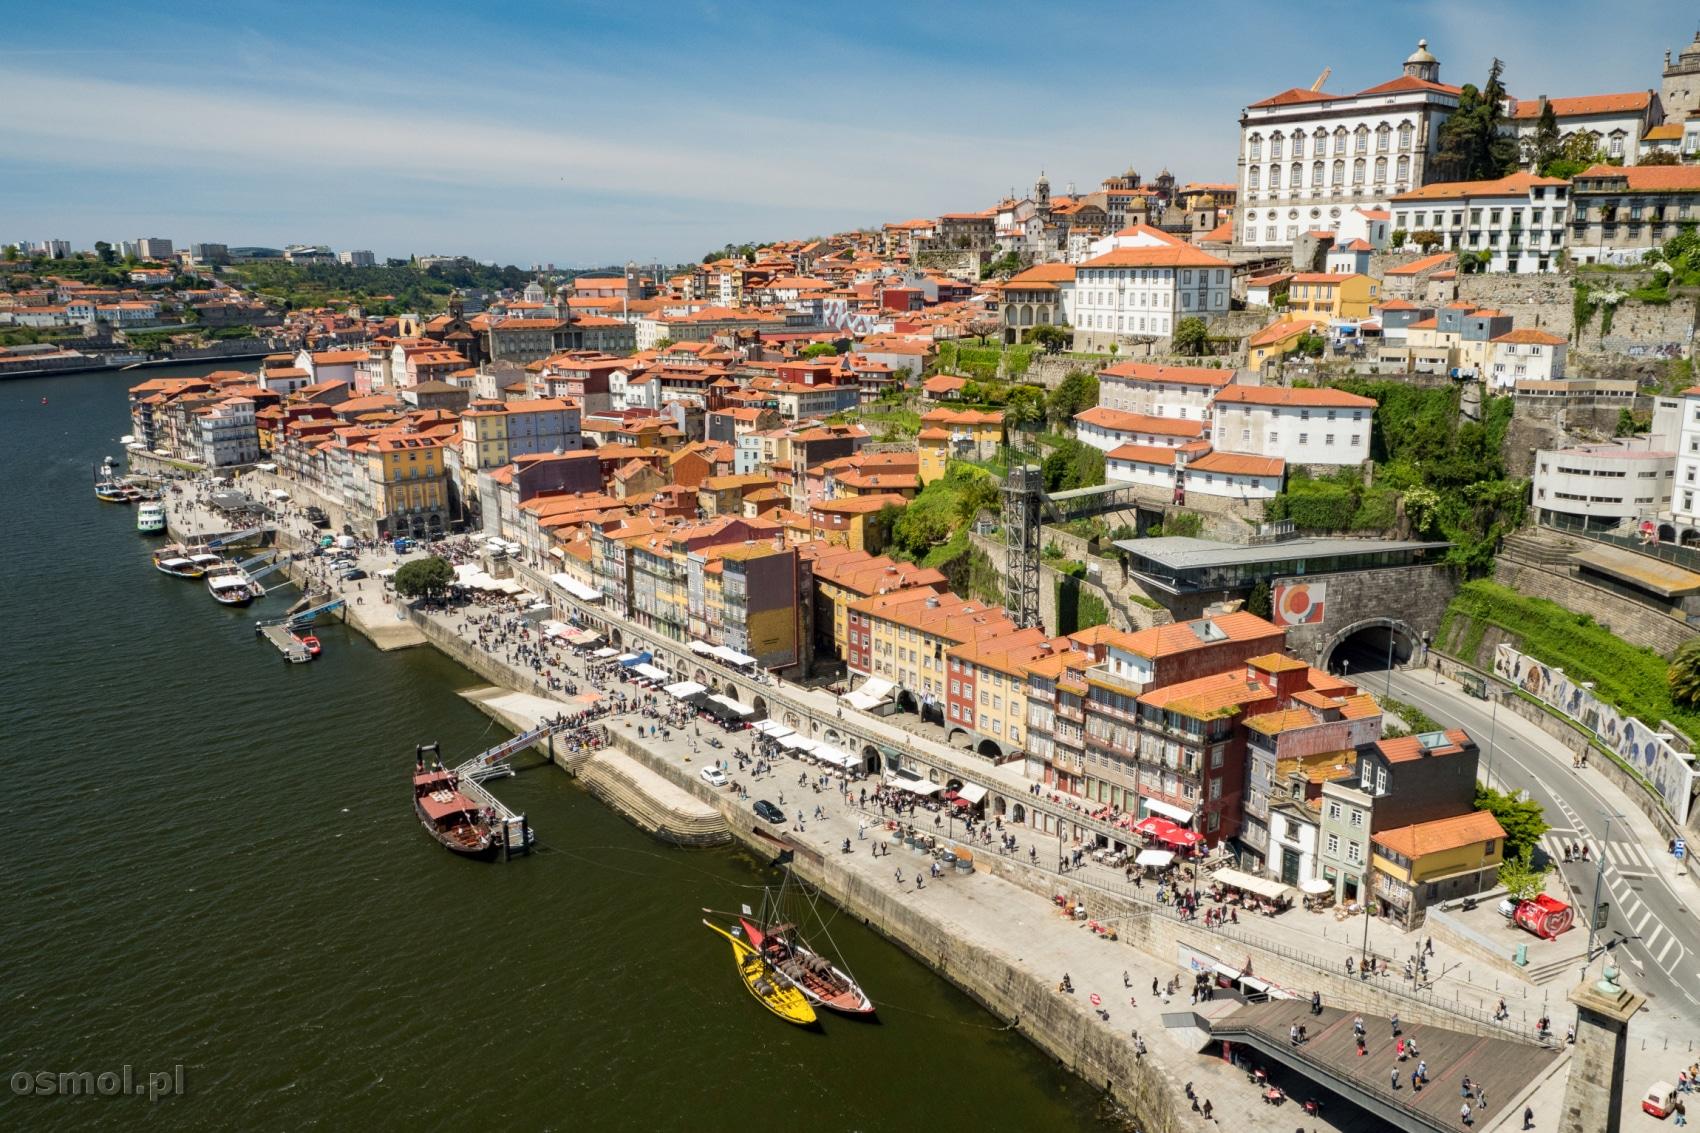 Widok na dzielnicę Ribeira w Porto. Jedna z najpiękniejszych panoram w Porto